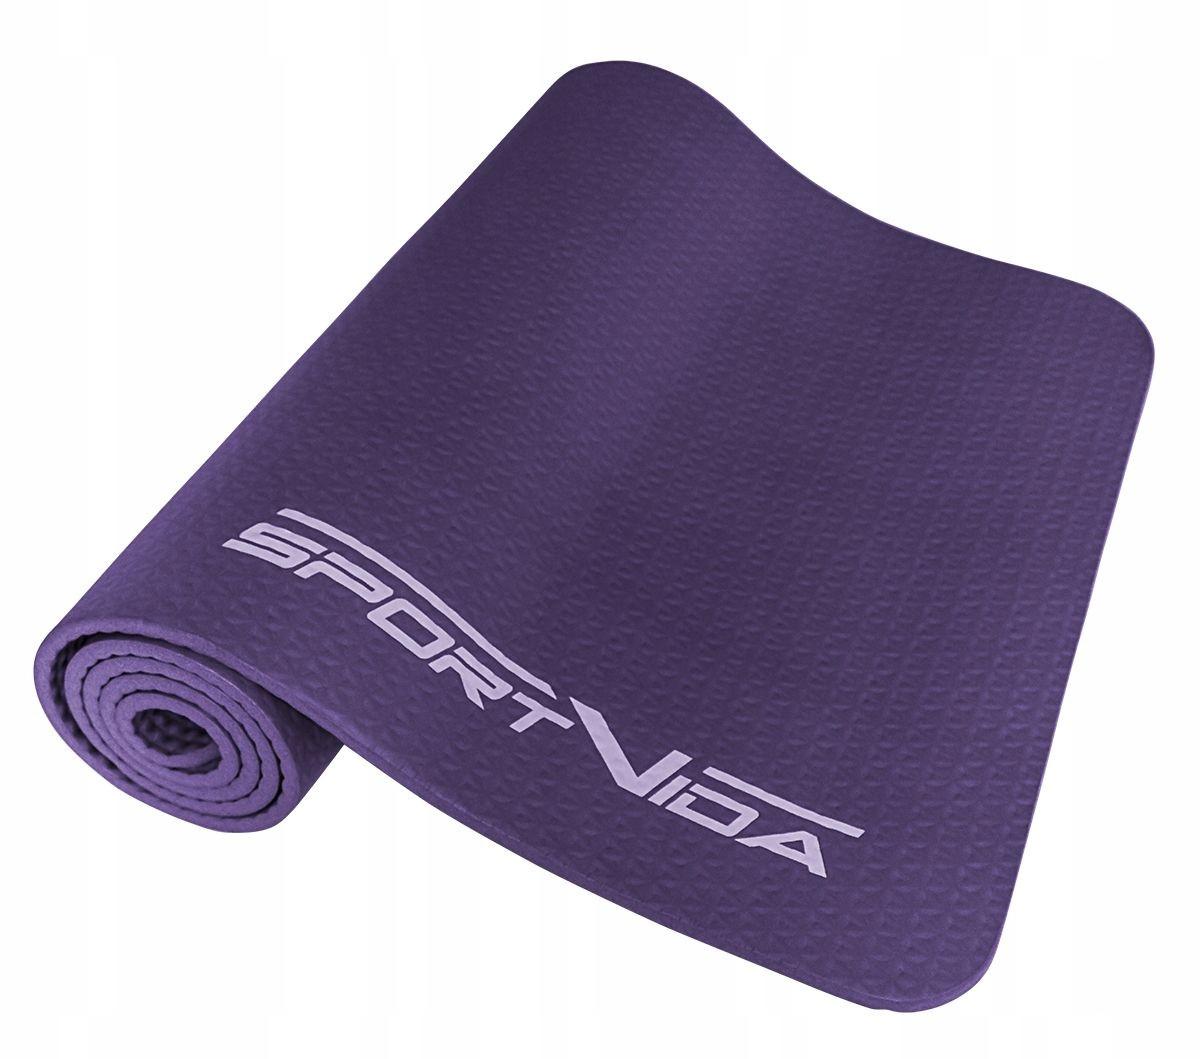 Коврик (мат) для йоги и фитнеса текстурированный SportVida NBR 1 см SV-HK0071 Violet